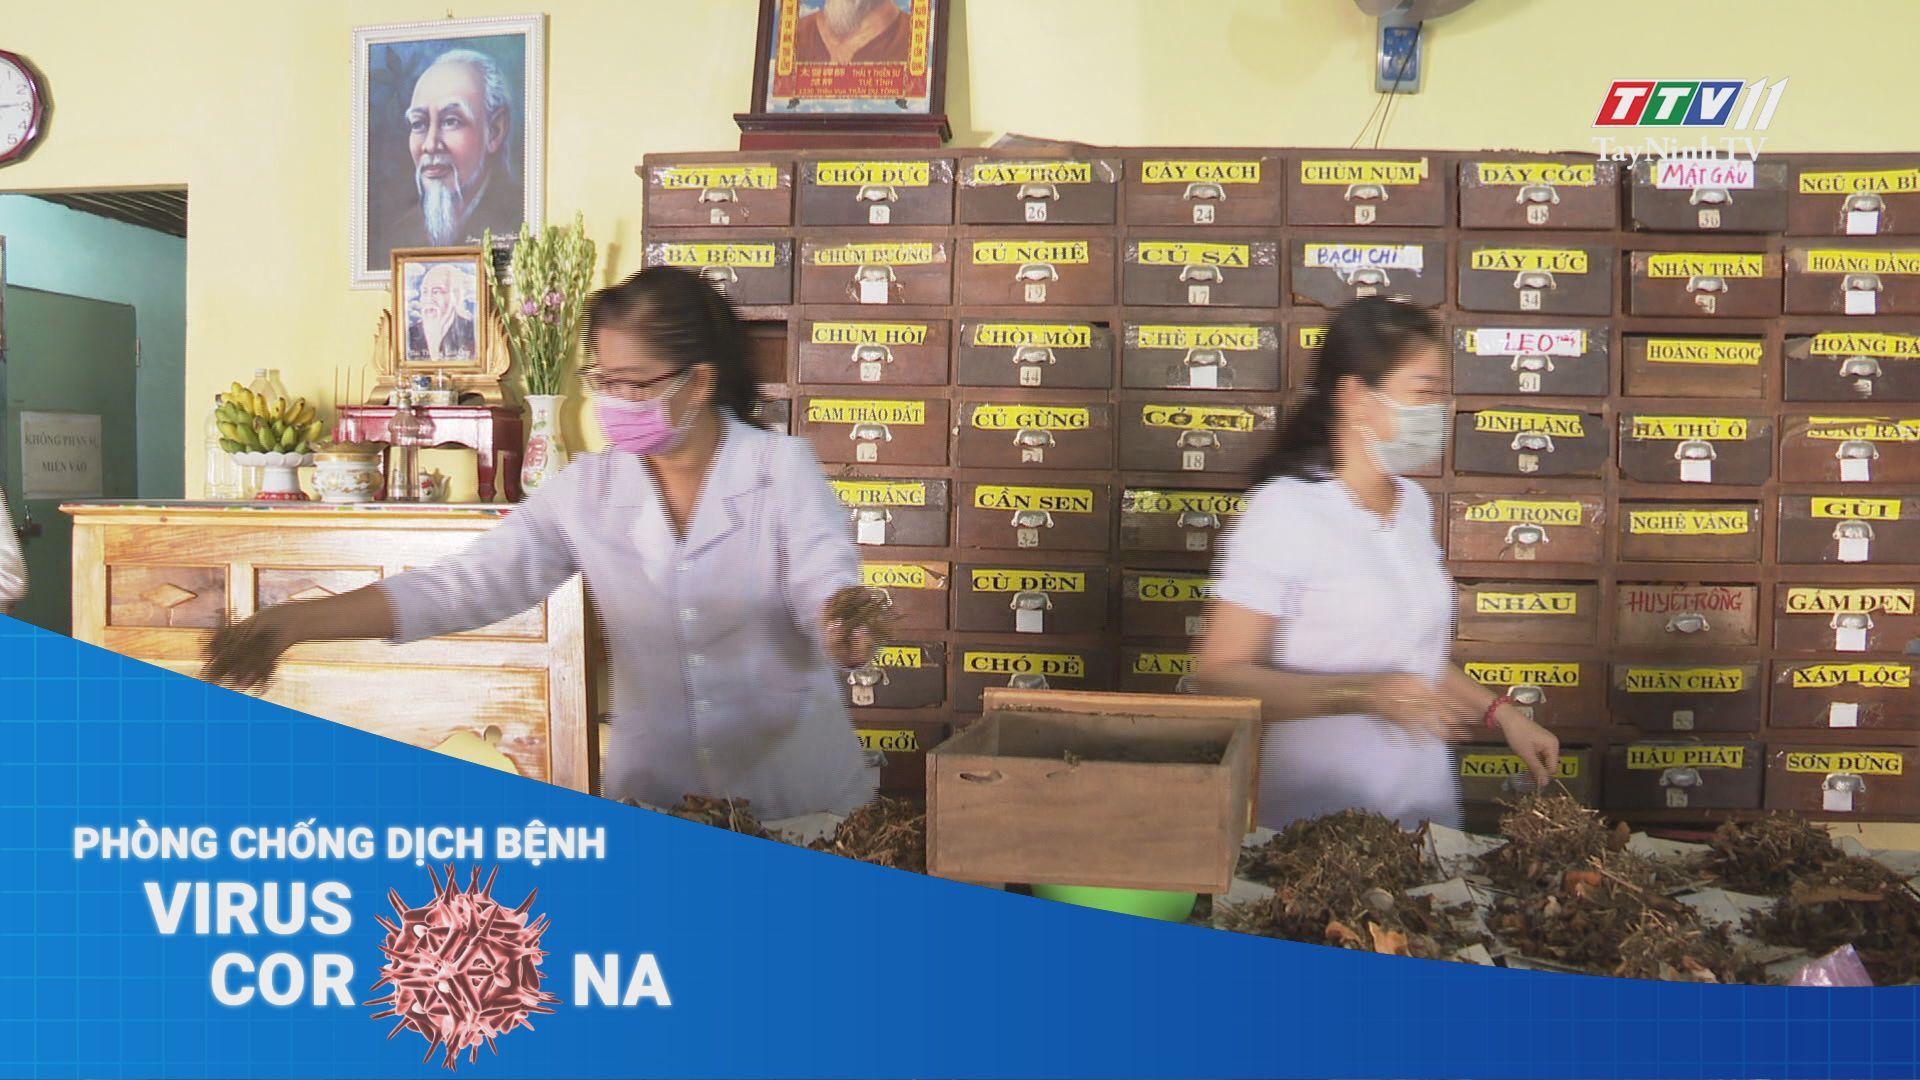 Các tôn giáo ở Tây Ninh đồng hành phòng chống dịch Covid-19 | THÔNG TIN DỊCH CÚM COVID-19 | TayNinhTV